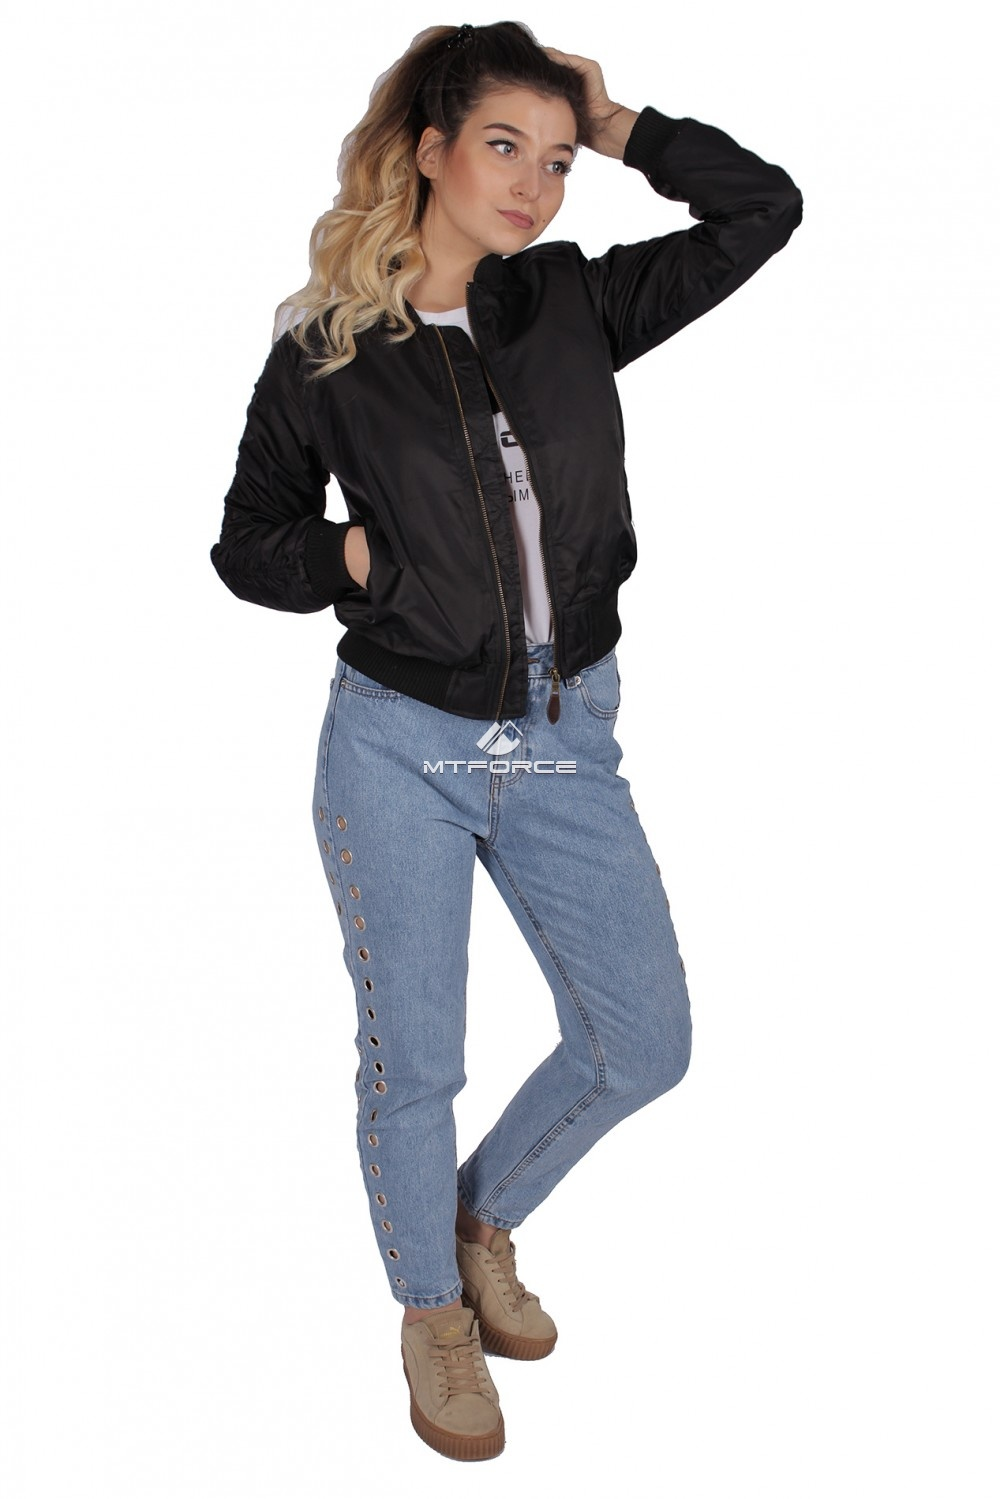 Купить                                      оптом Куртка-бомбер женская свободного кроя из нейлона черного цвета 1982Ch в Новосибирске